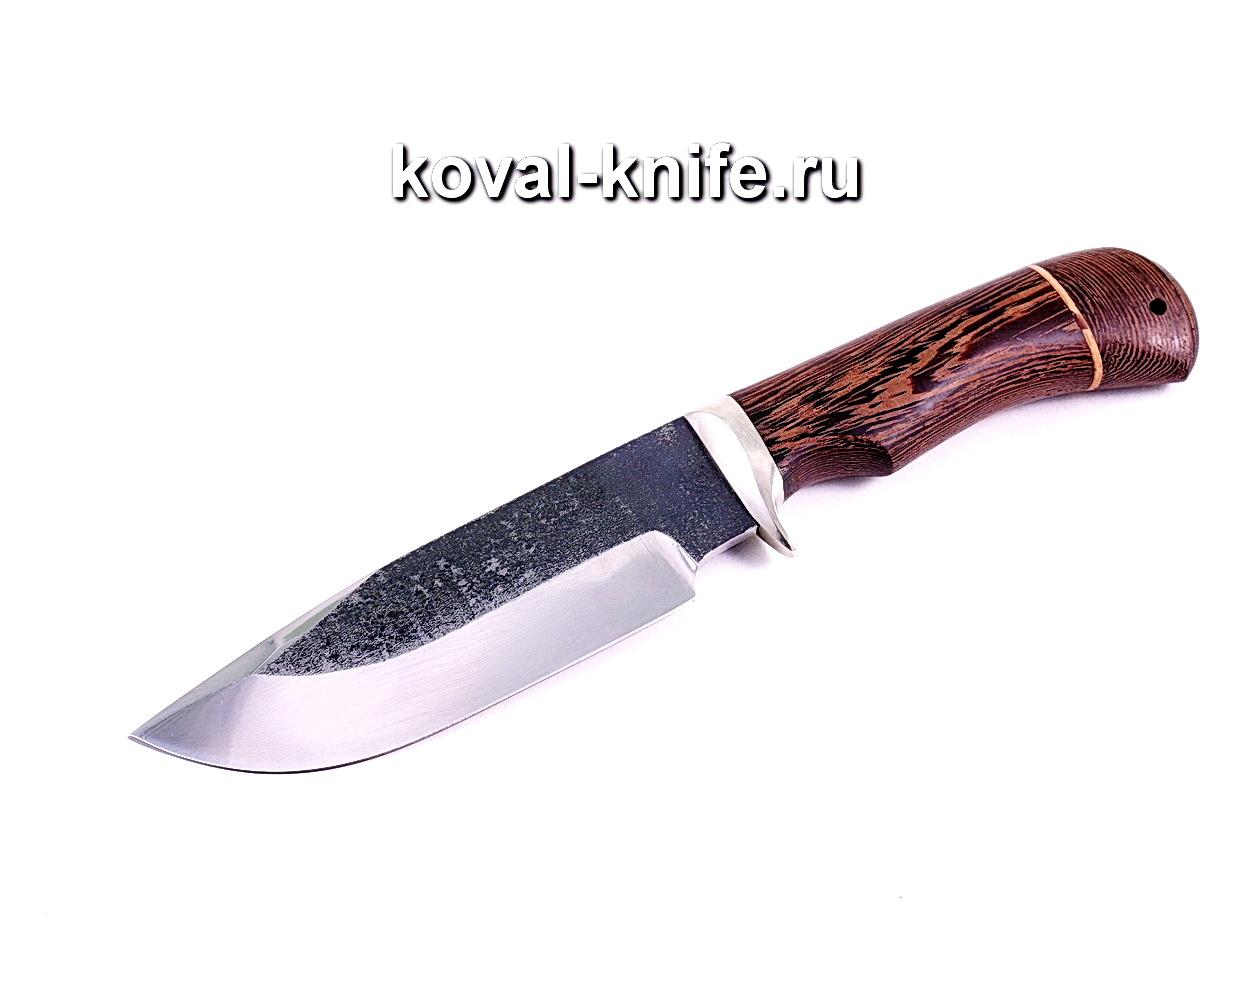 Нож Барс (сталь 95х18), рукоять венге, литье A030